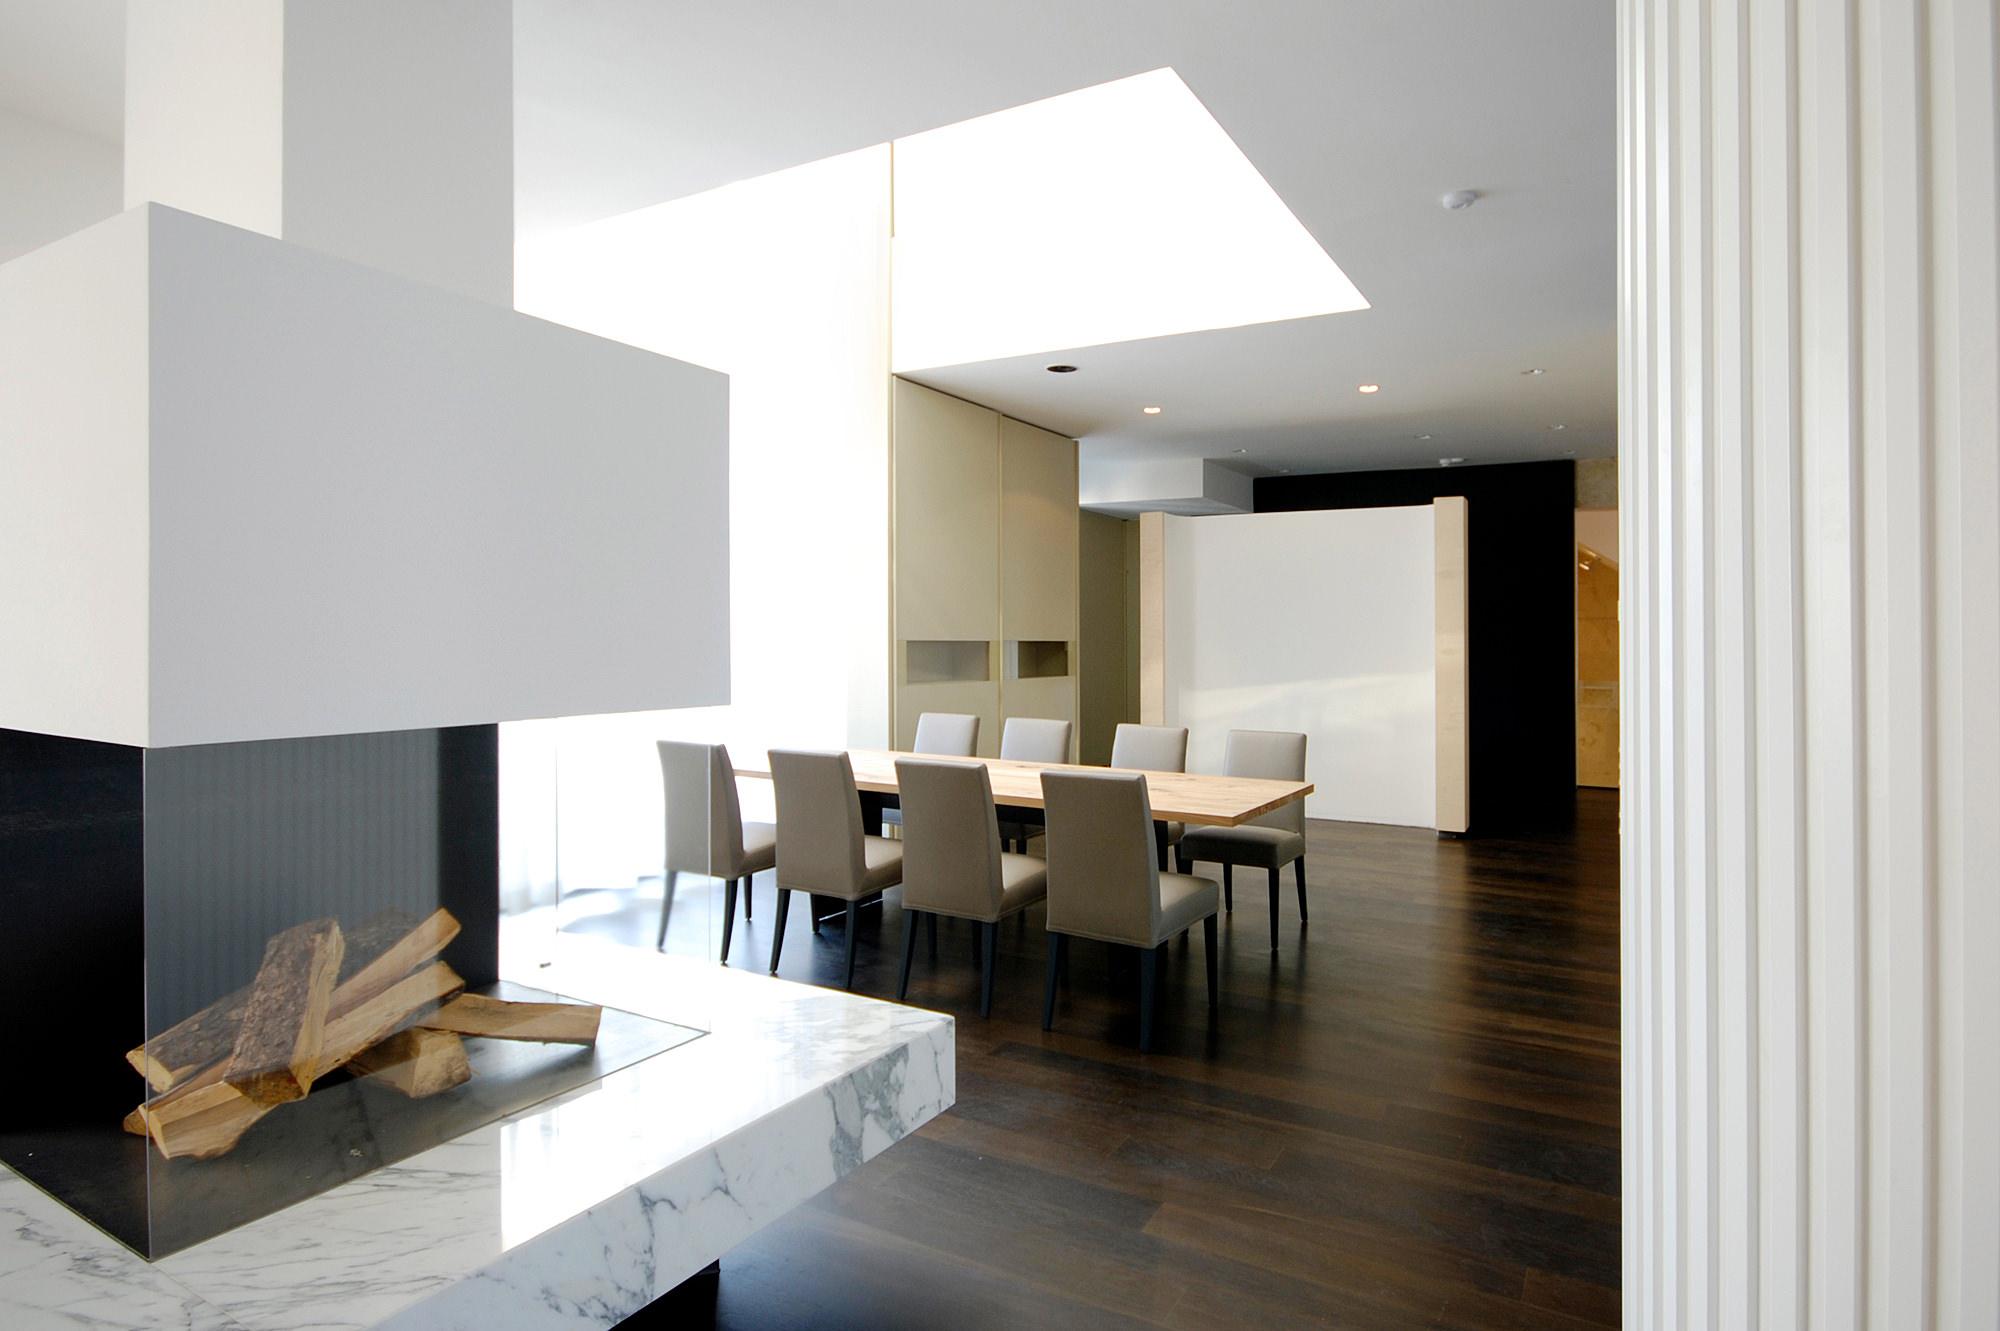 penthouse_wien_1_03_umbau_und_dachausbau_1010_wien_junger_beer_architektur